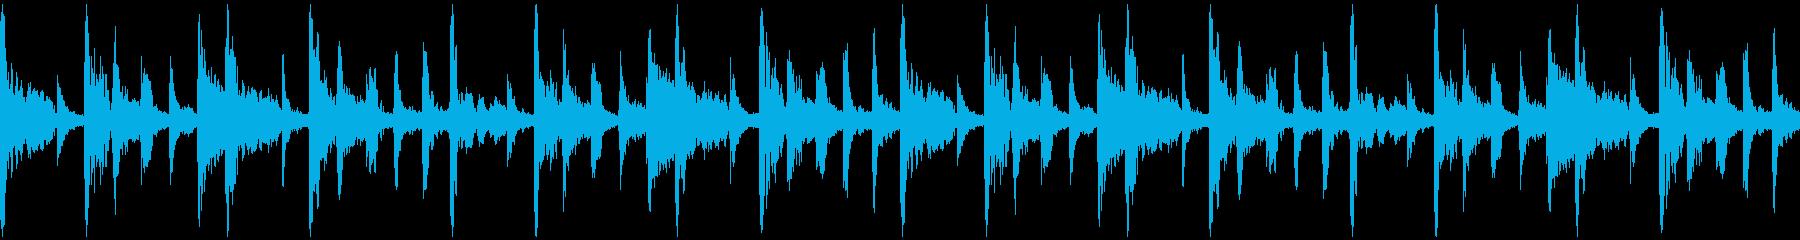 インド系楽器によるループの再生済みの波形